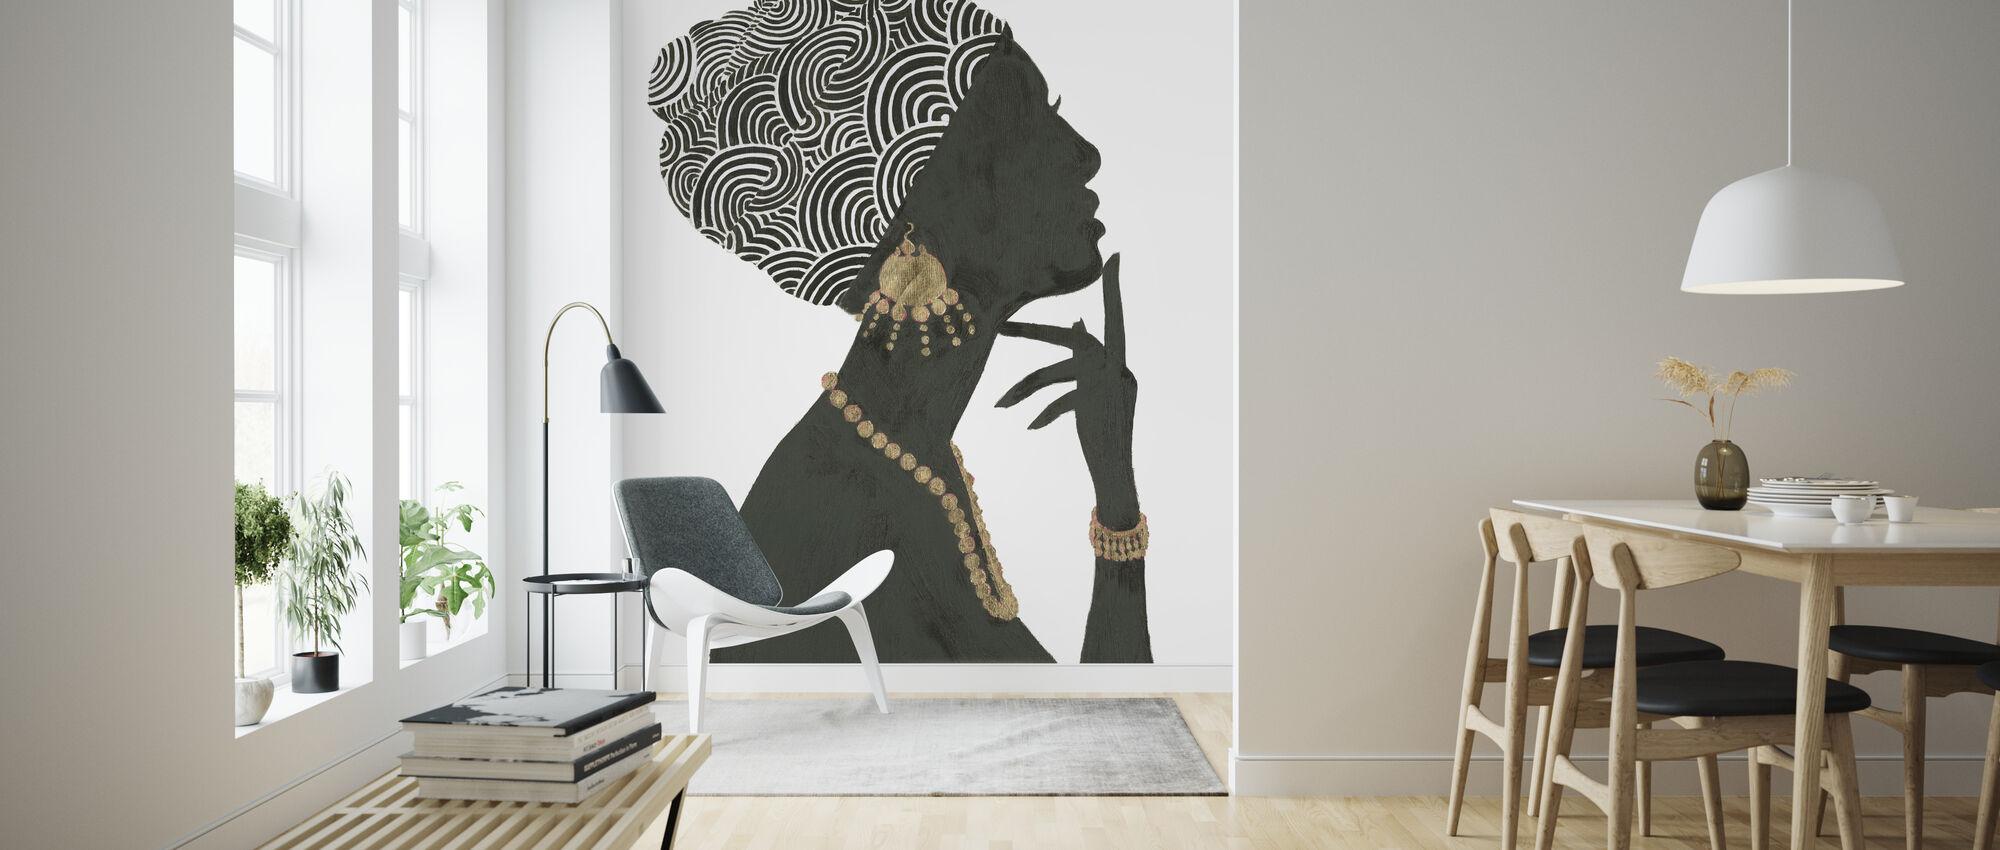 Graceful Majesty I - Wallpaper - Living Room